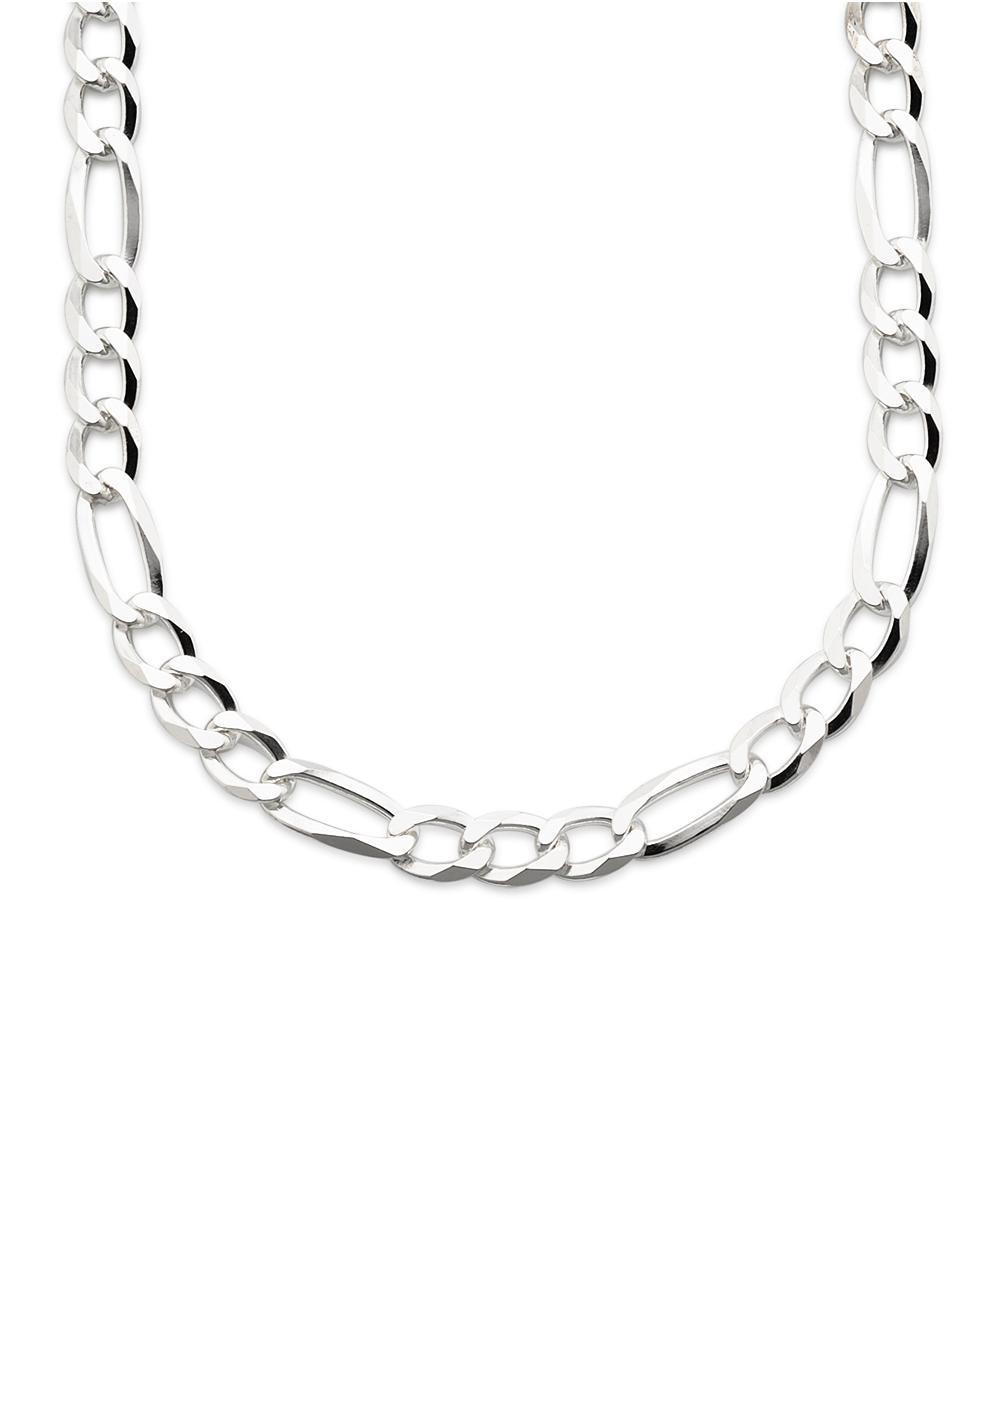 Bruno Banani Silberkette B00 37N/S0/00/55 günstig online kaufen